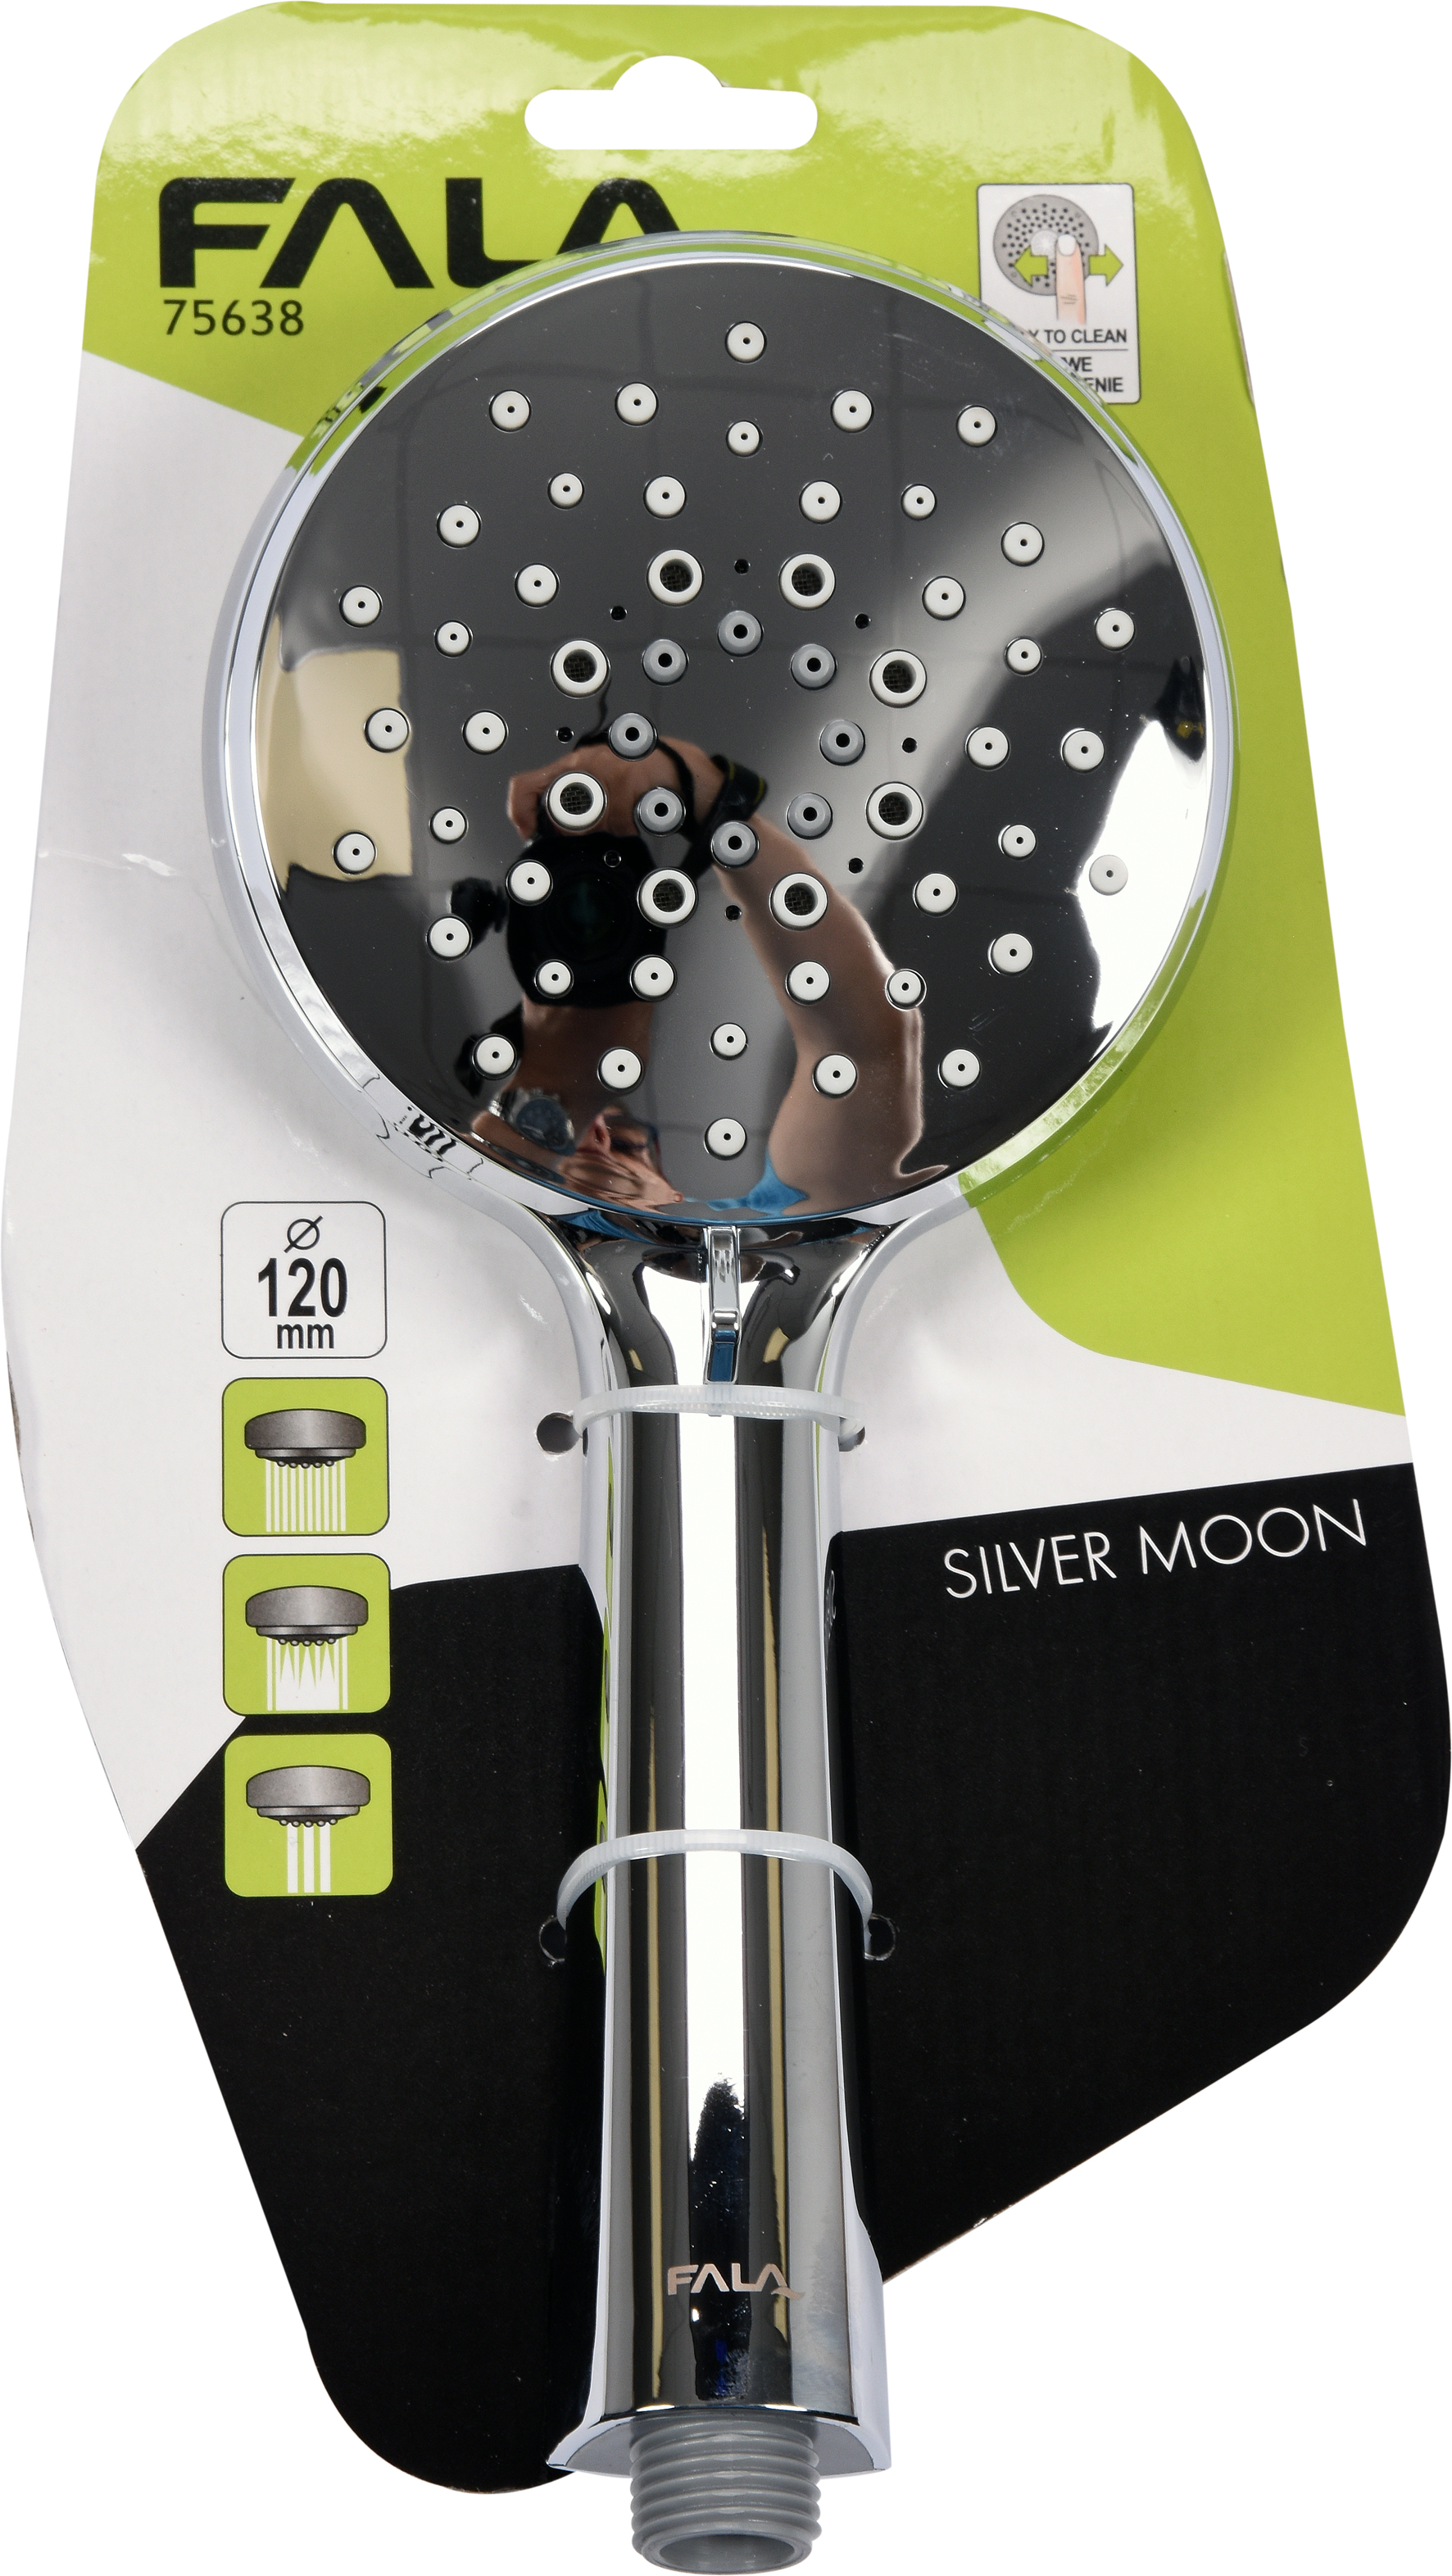 Sprchová hlavice SILVER MOON 120mm 3 funkce